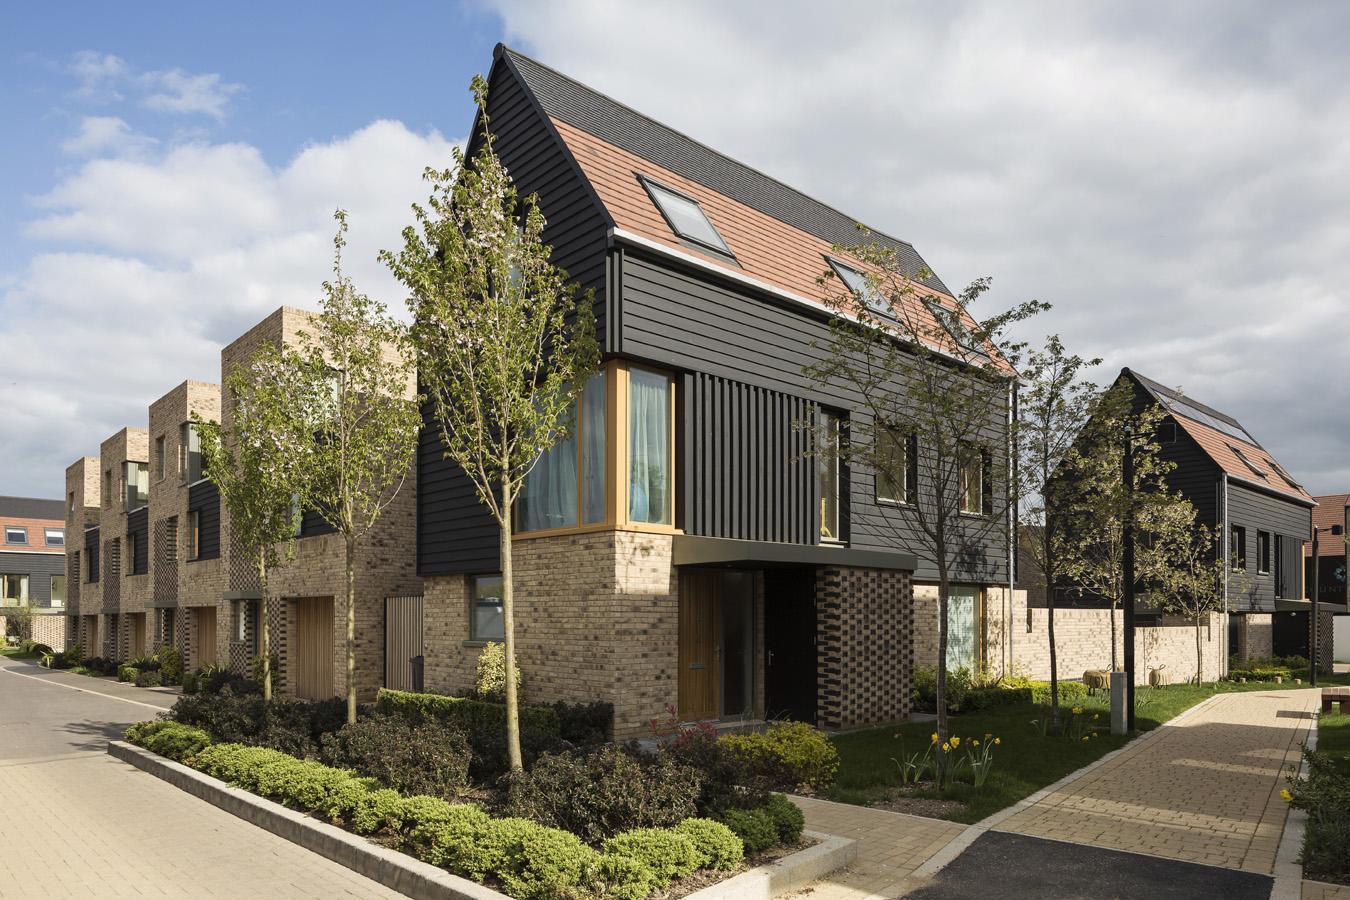 Abode At Great Kneighton Cambridge Proctor Amp Matthews